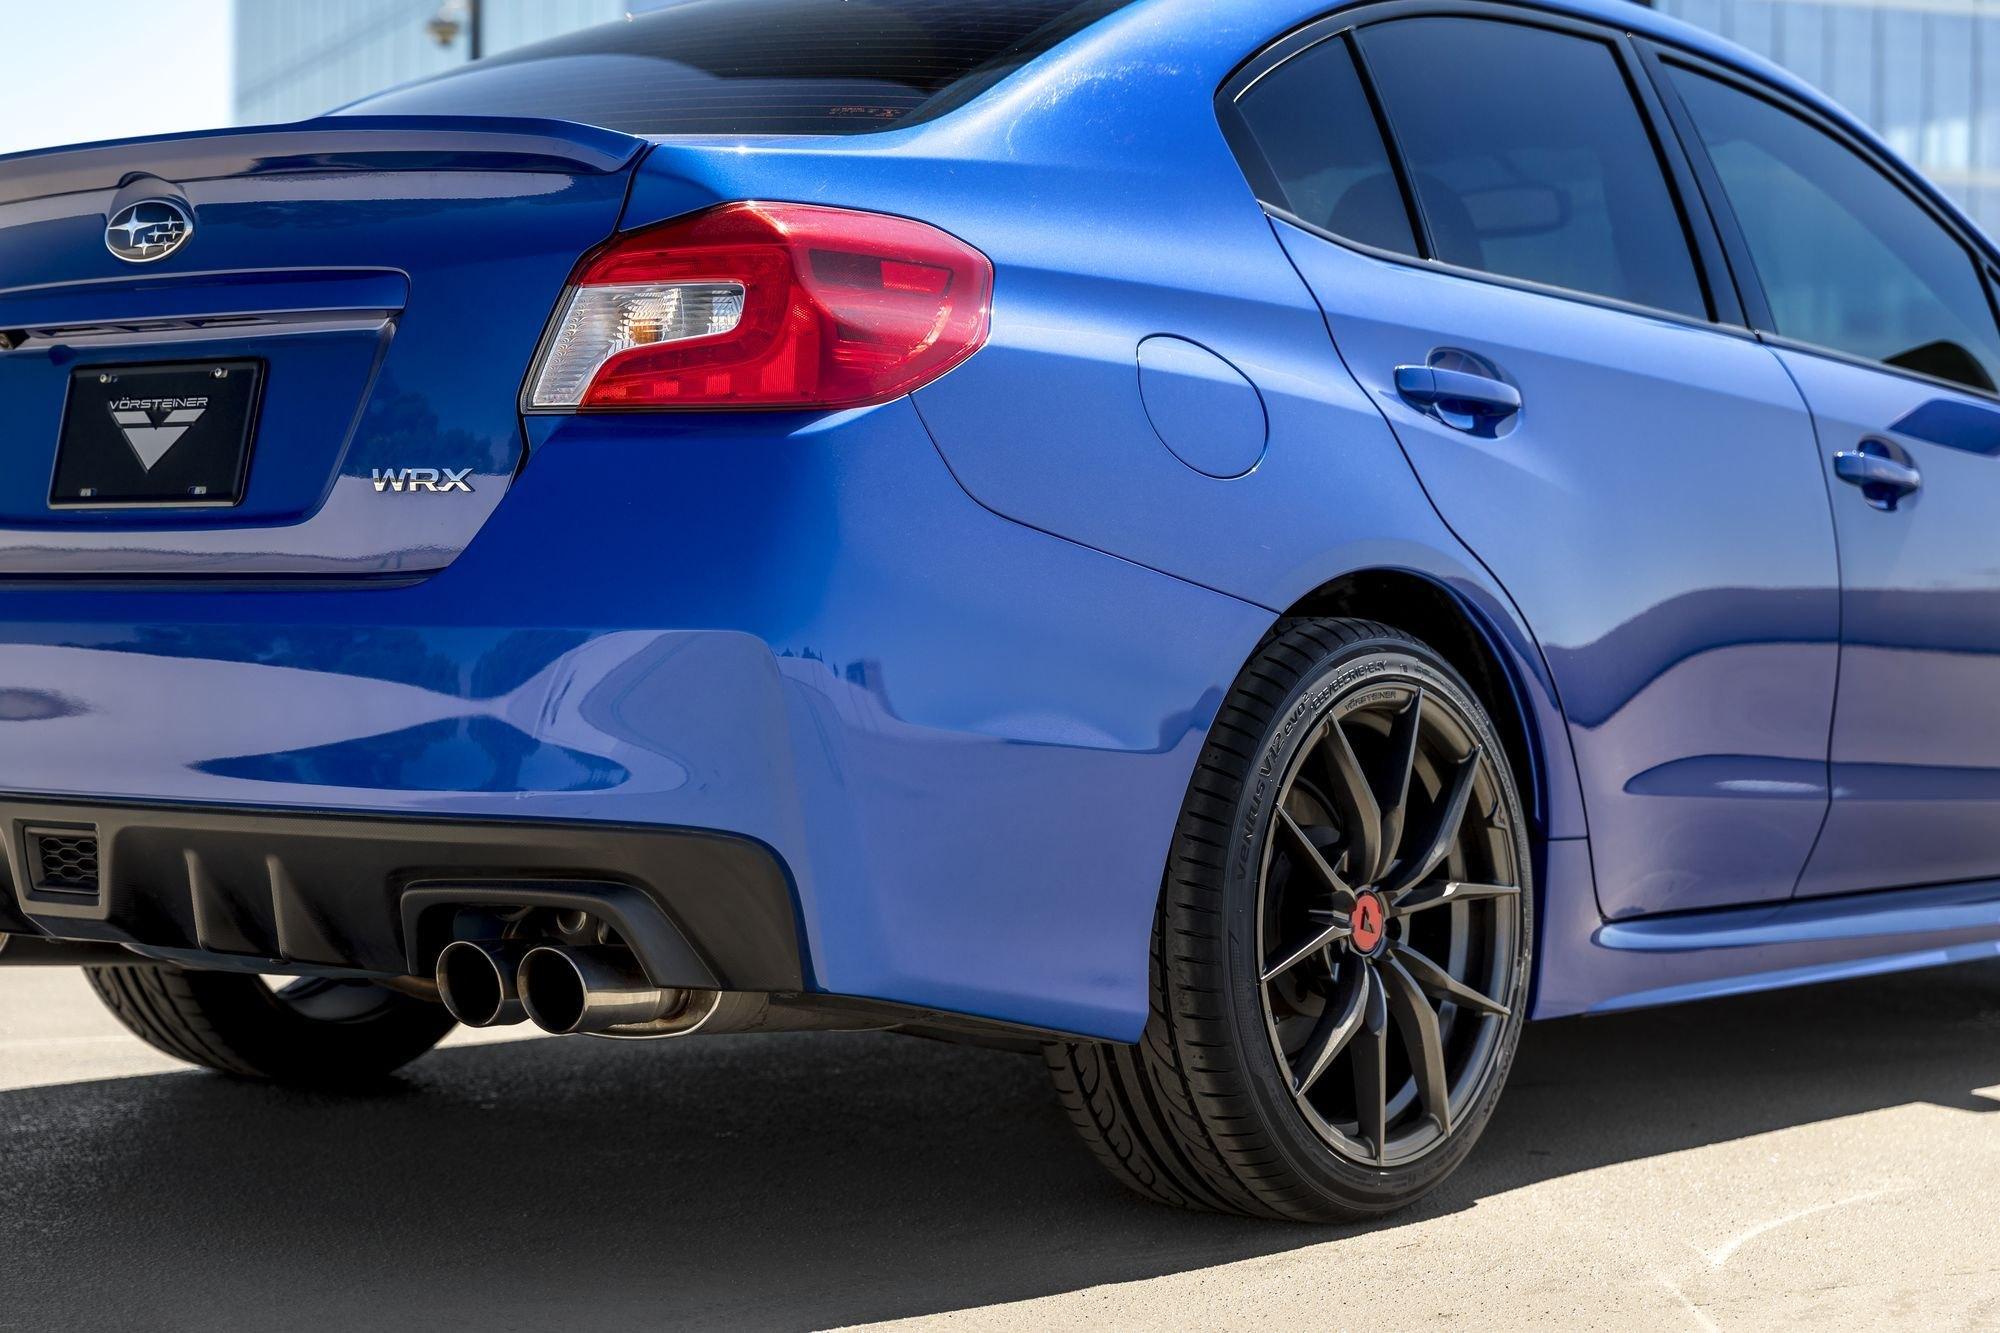 Blue Subaru Wrx With Custom Vorsteiner Wheels Photo By Vorstiner